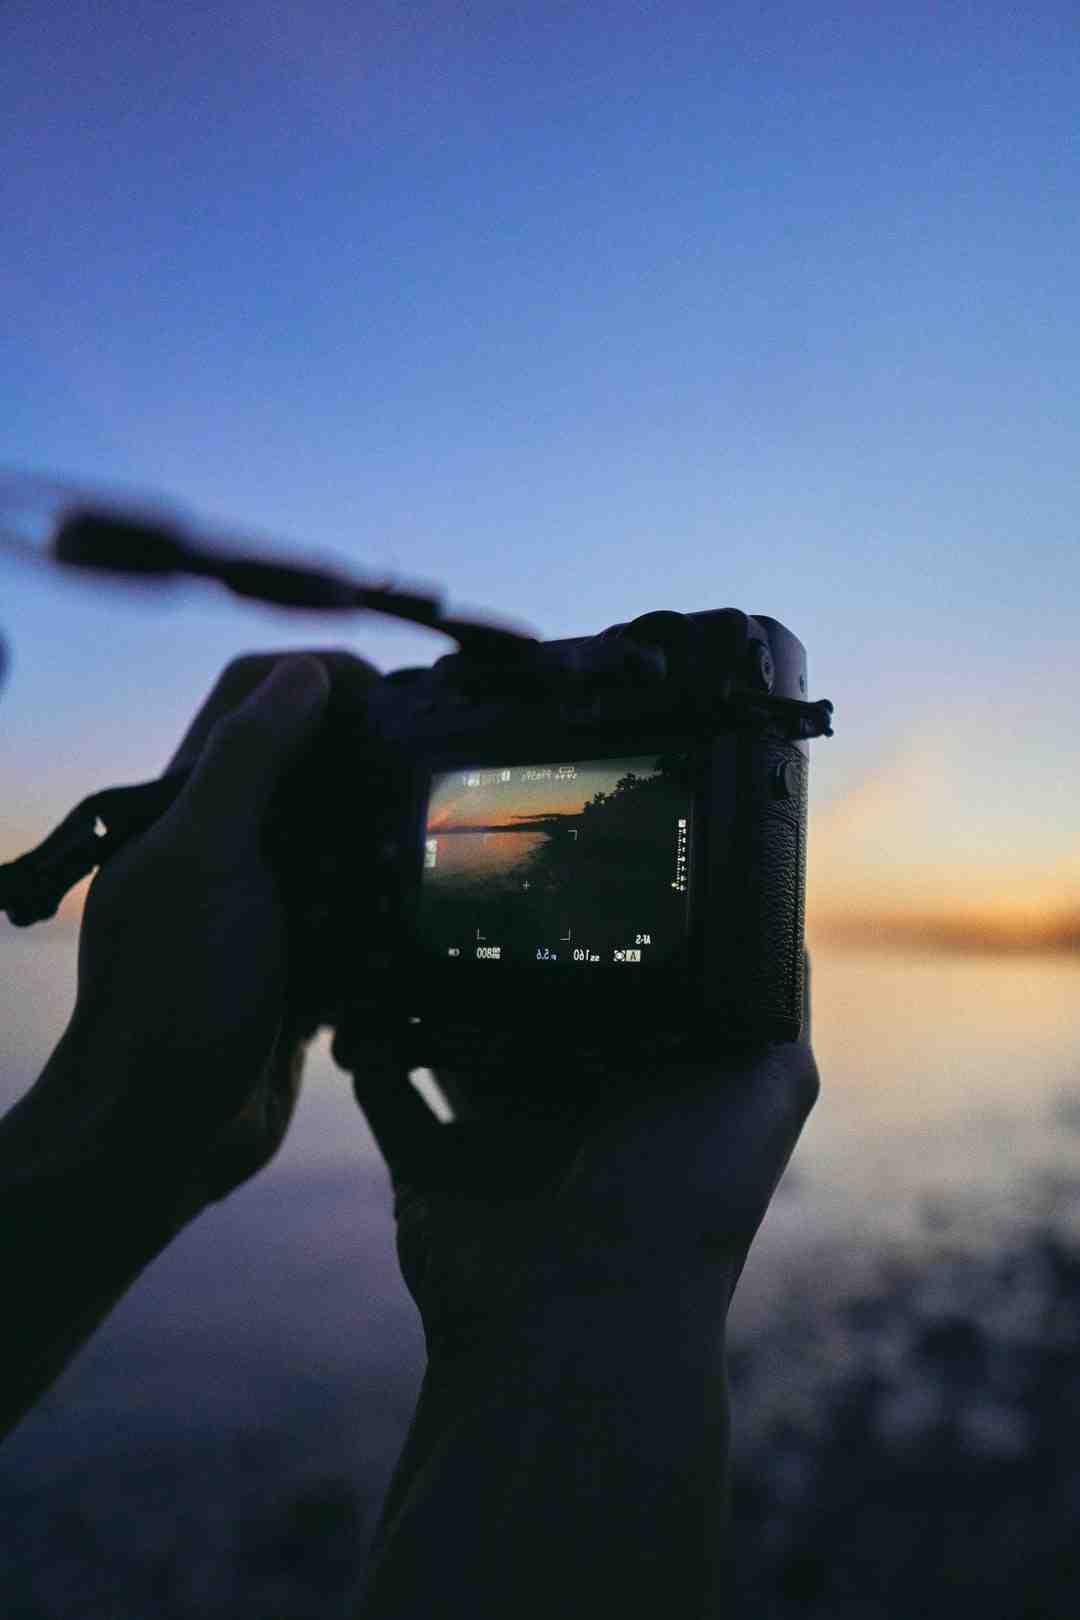 Comment faire un collage photo?